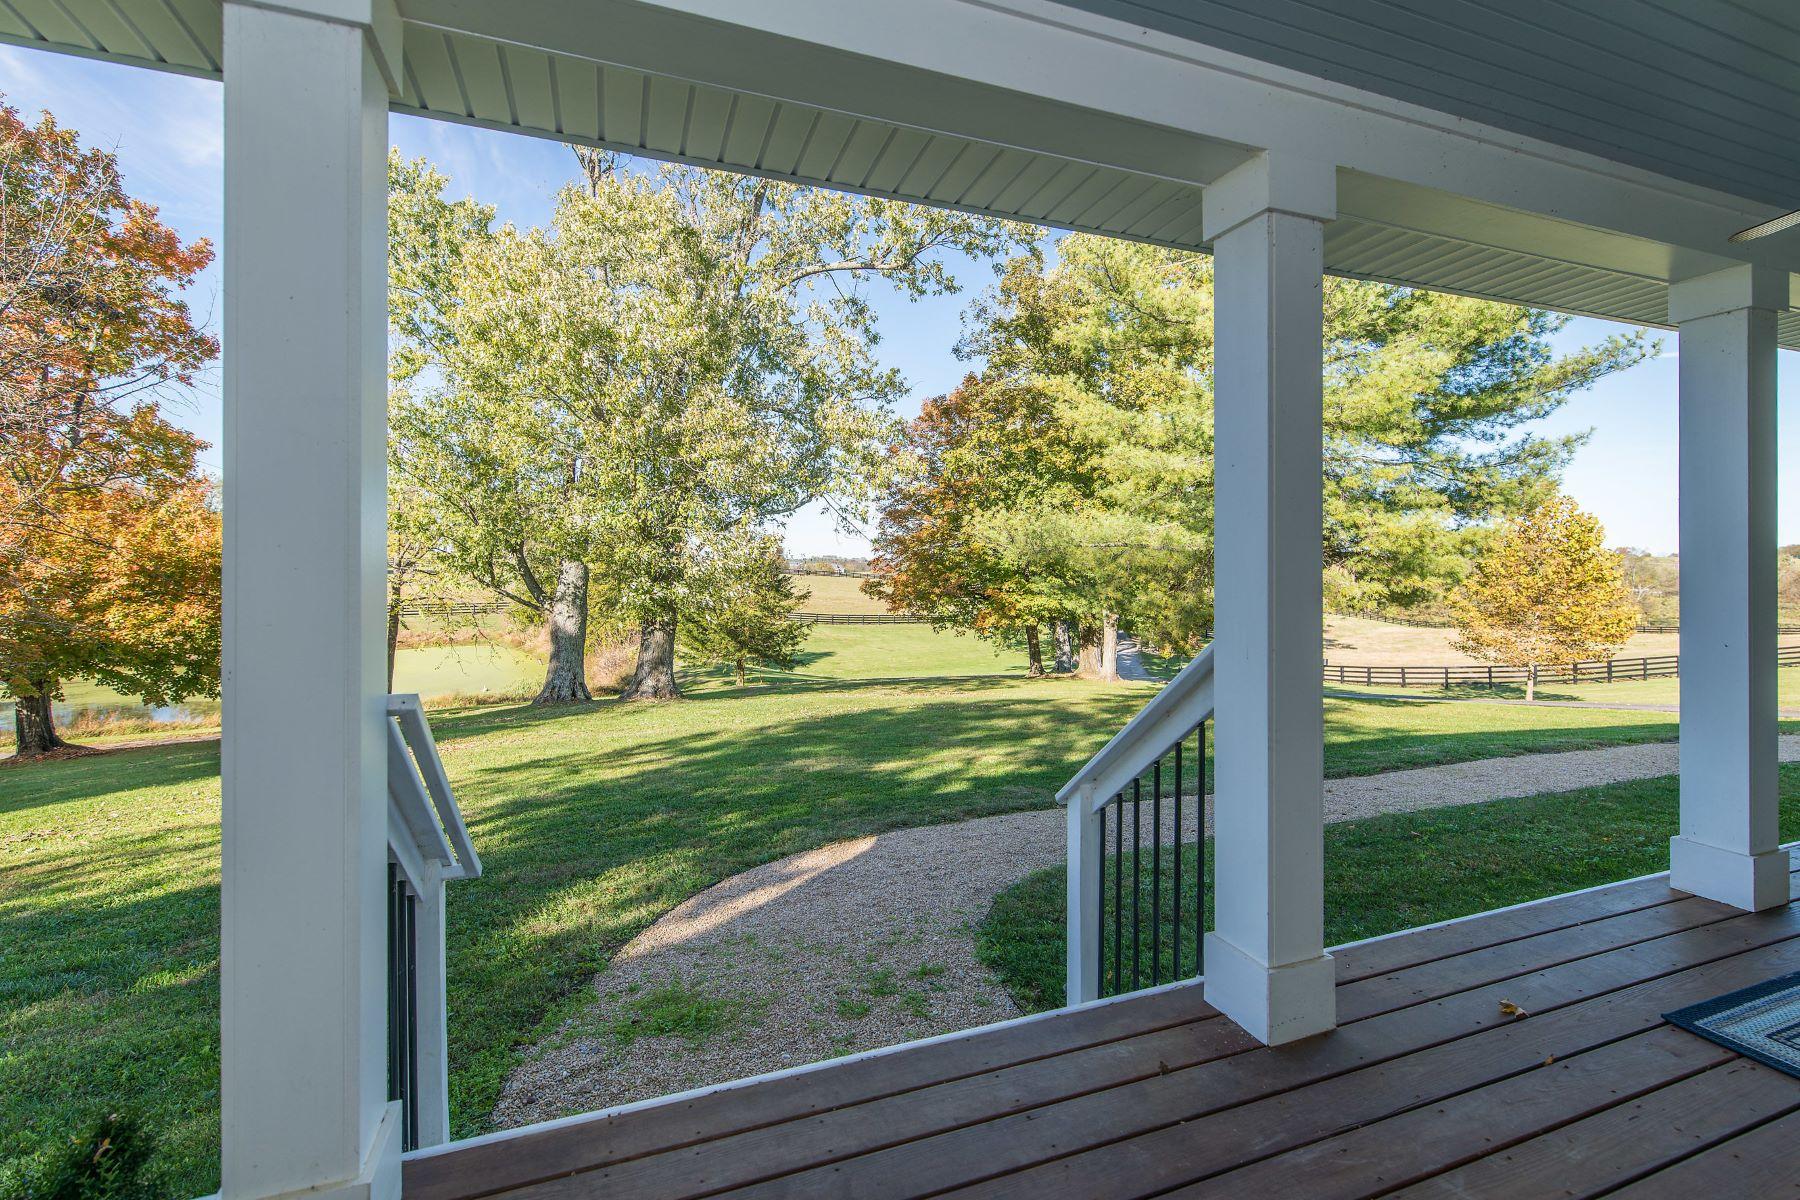 农场 / 牧场 / 种植园 为 销售 在 2788-2886 Frankfort Road 乔治城, 肯塔基州 40324 美国